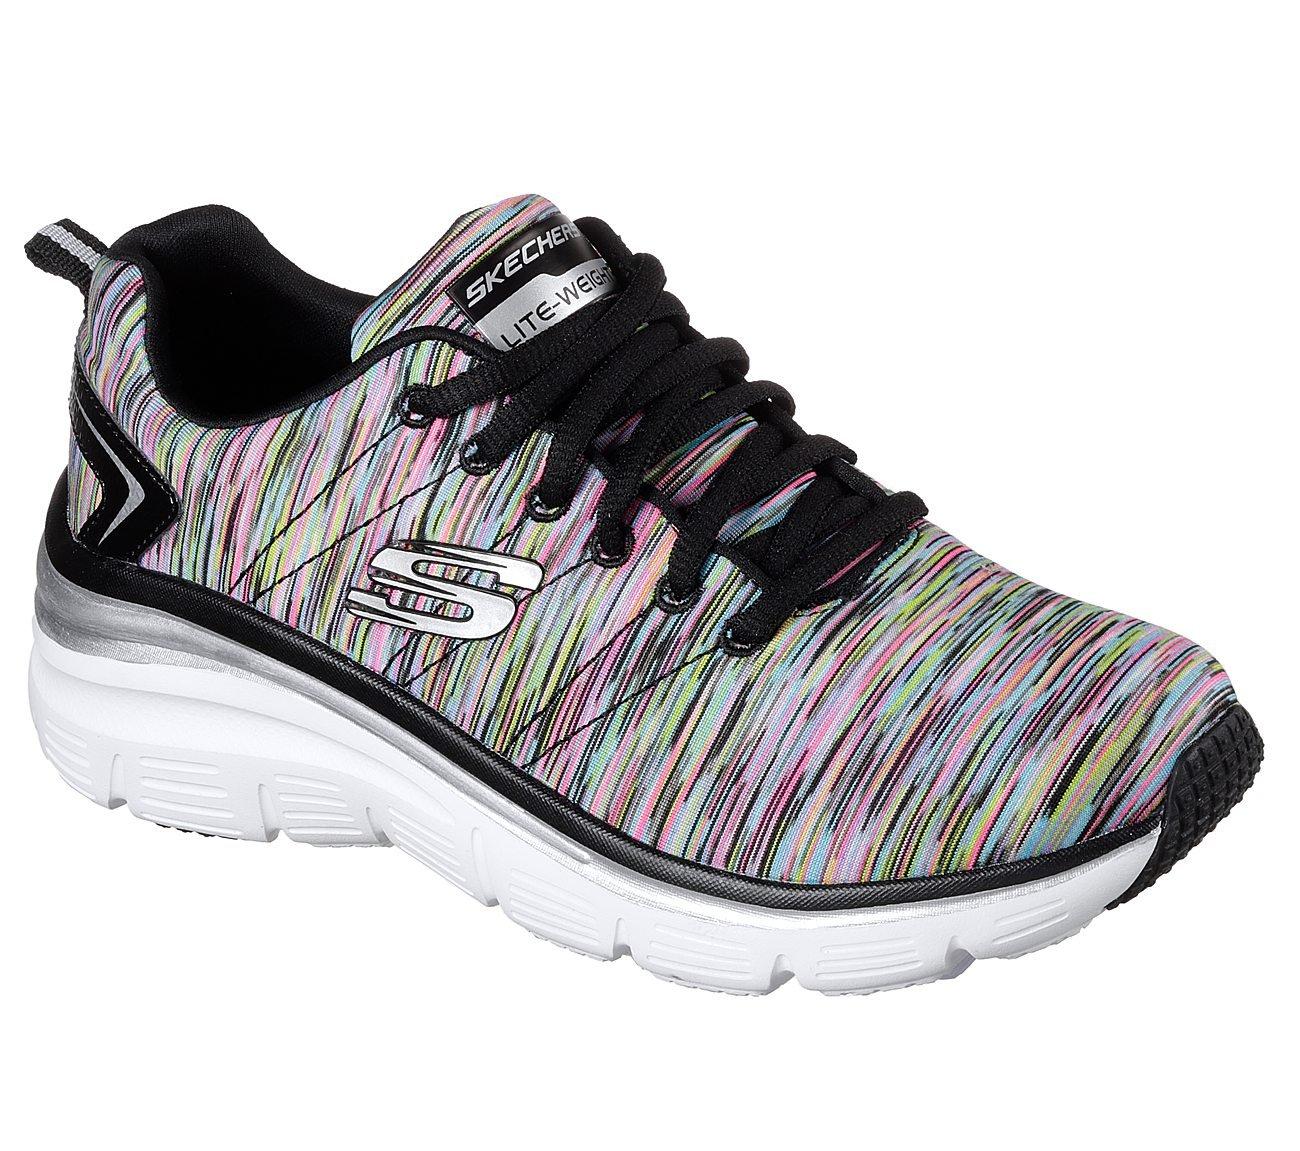 Skechers Women's Fashion Fit Sneaker,Black/Multi,6.5